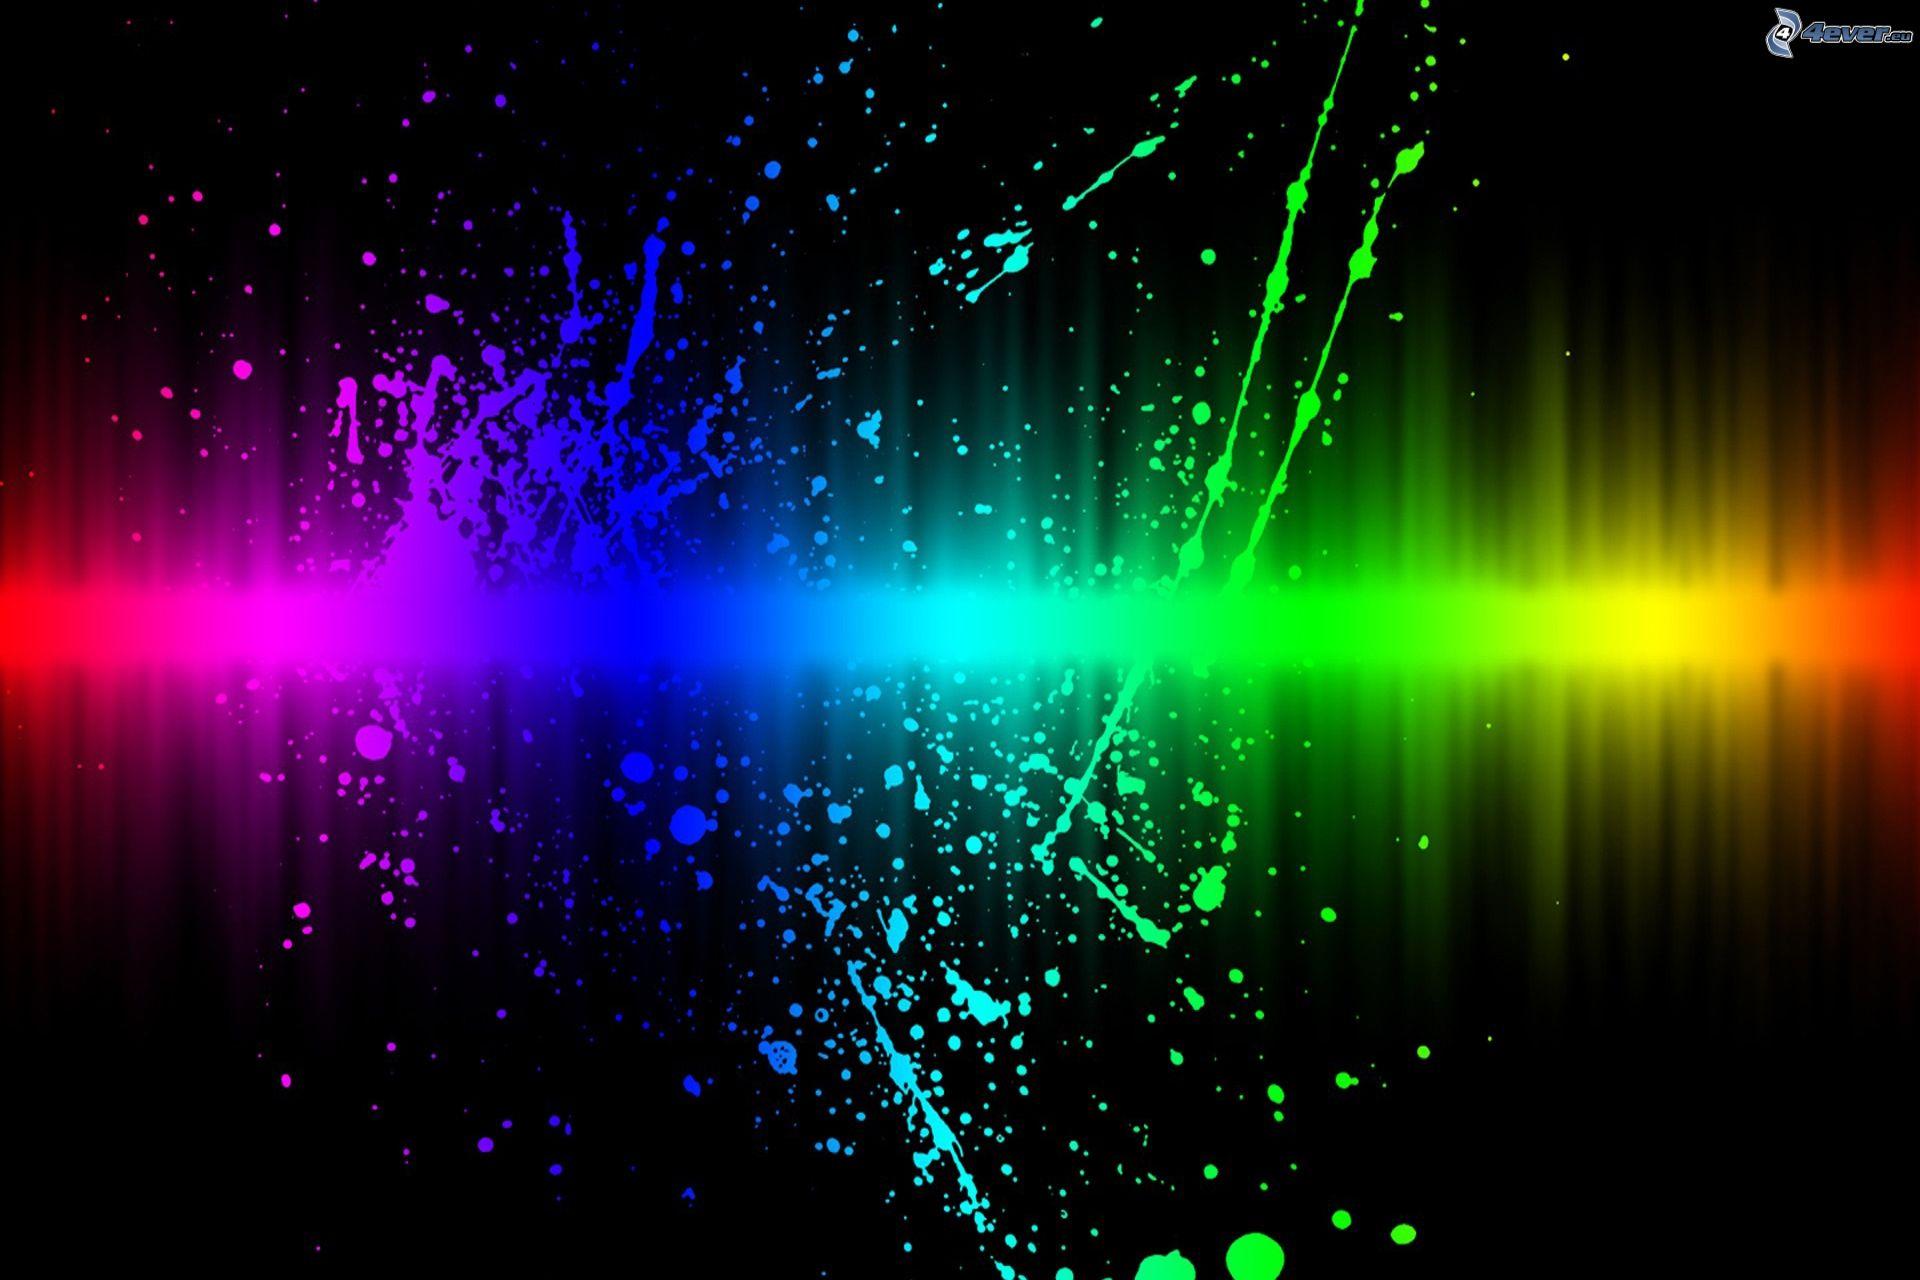 Astrazione colorata